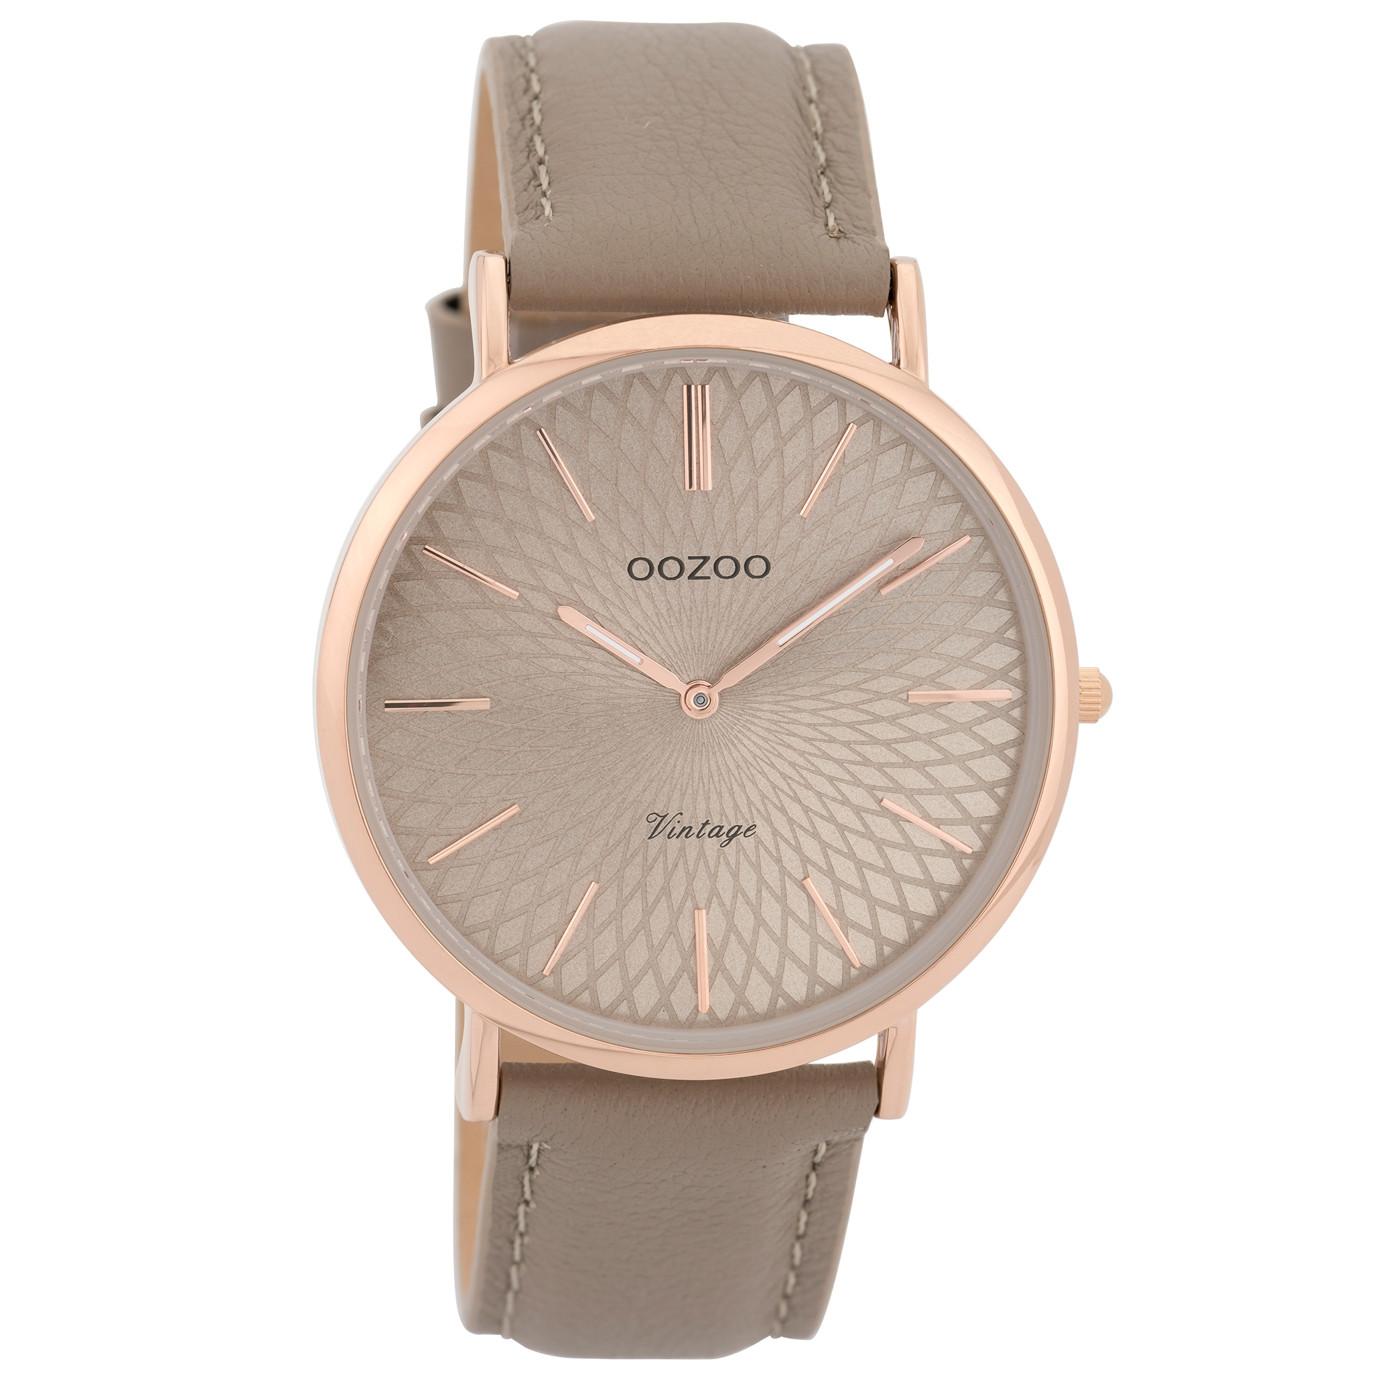 OOZOO Vintage Taupe horloge C9335 (40 mm)